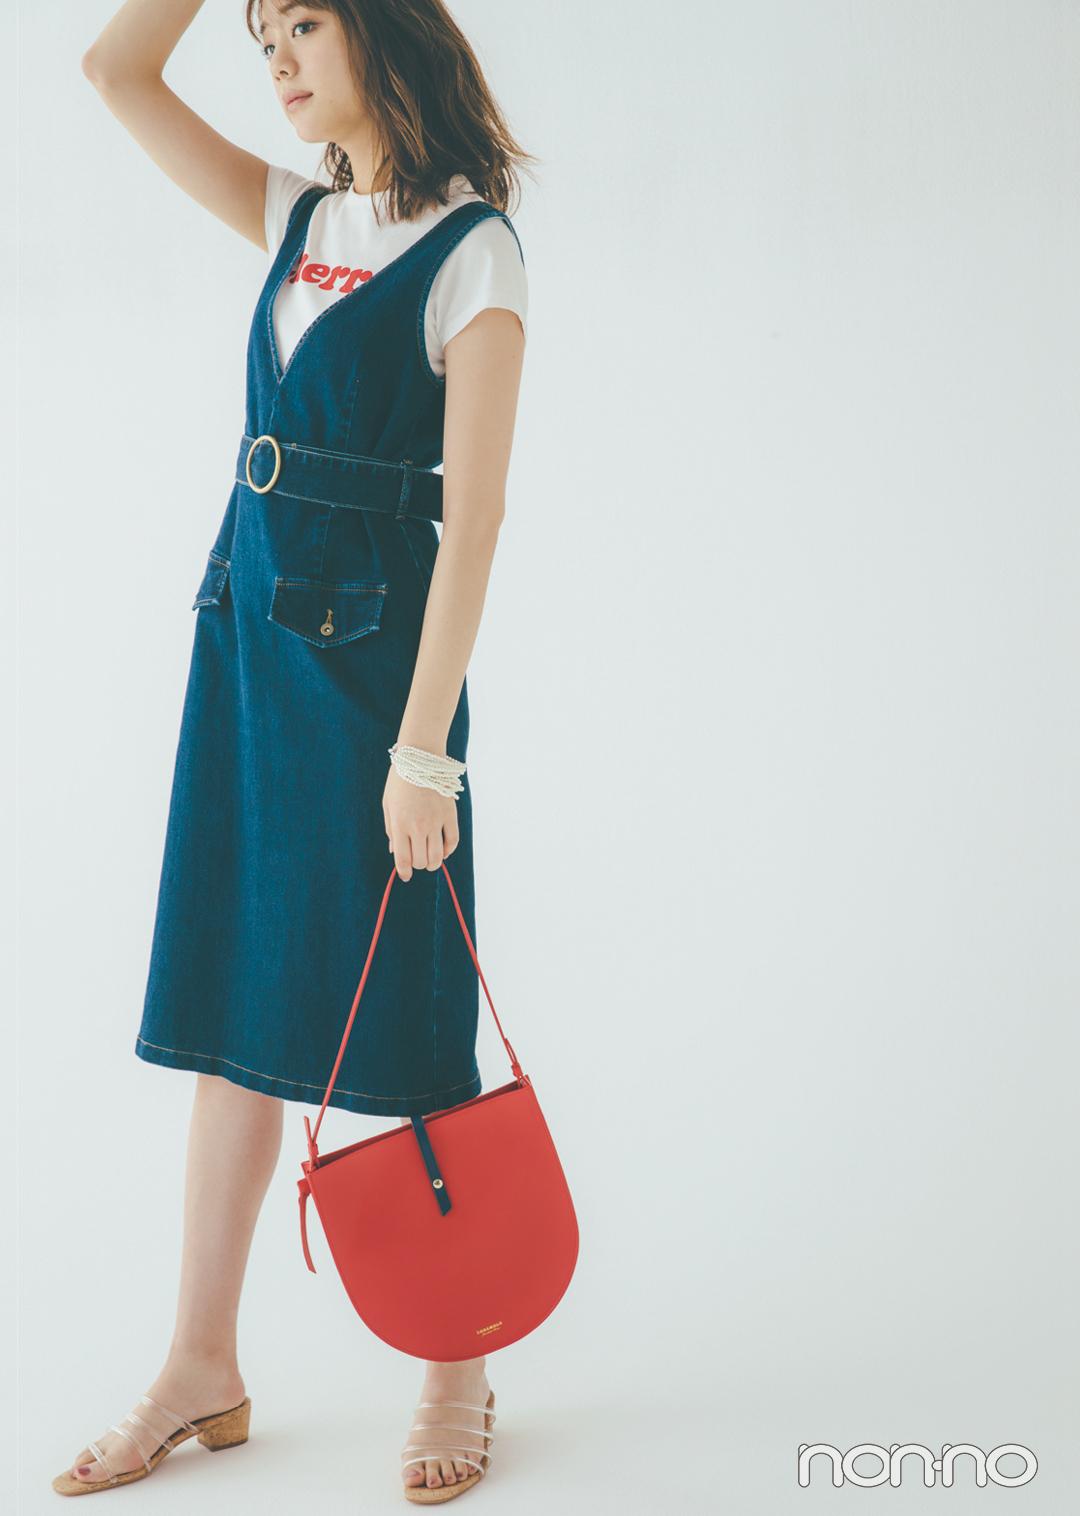 貴島明日香の赤×白×ネイビーがお手本! 好感度&おしゃれ感どっちも♡  _1_3-1